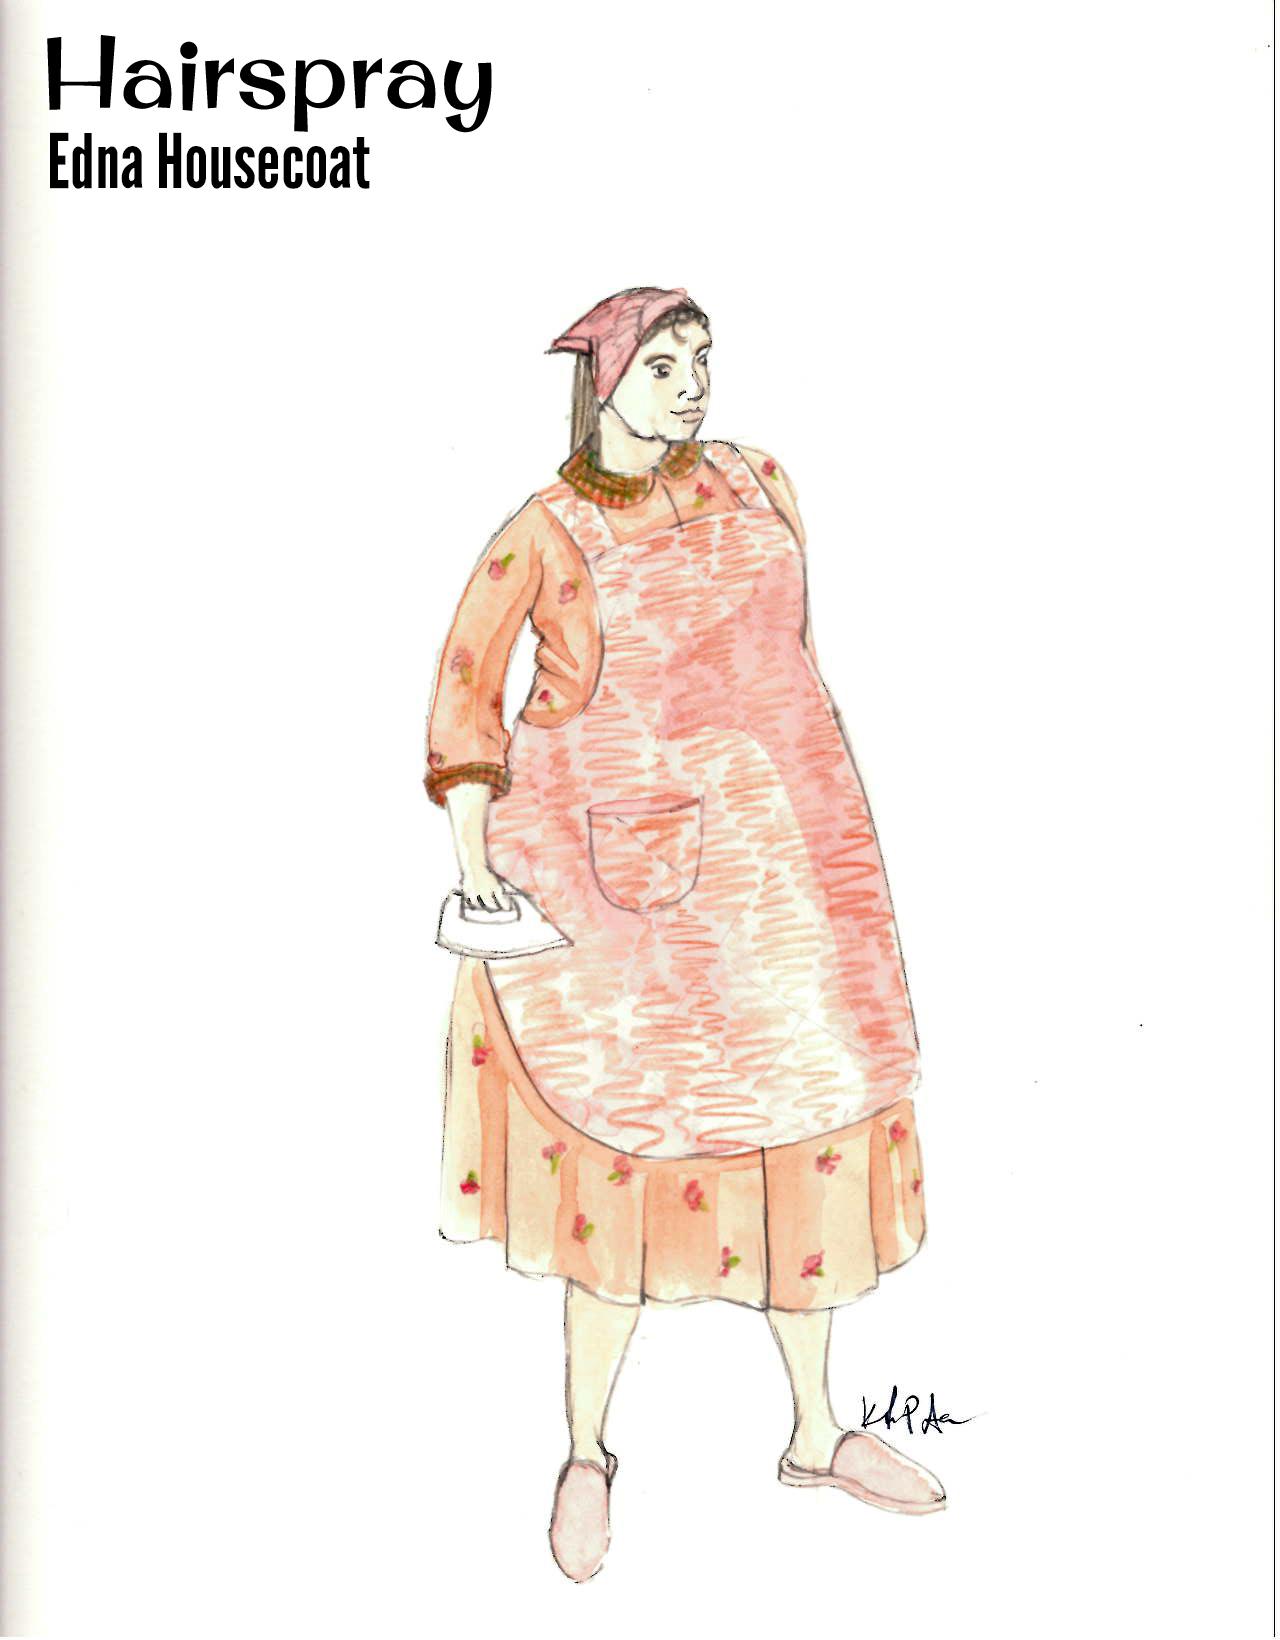 Edna Housecoat.jpg